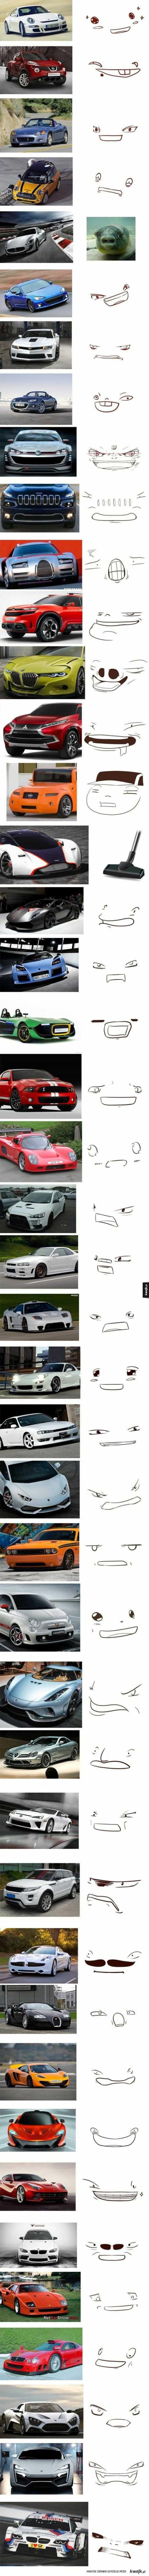 Gdyby auta miały twarze...